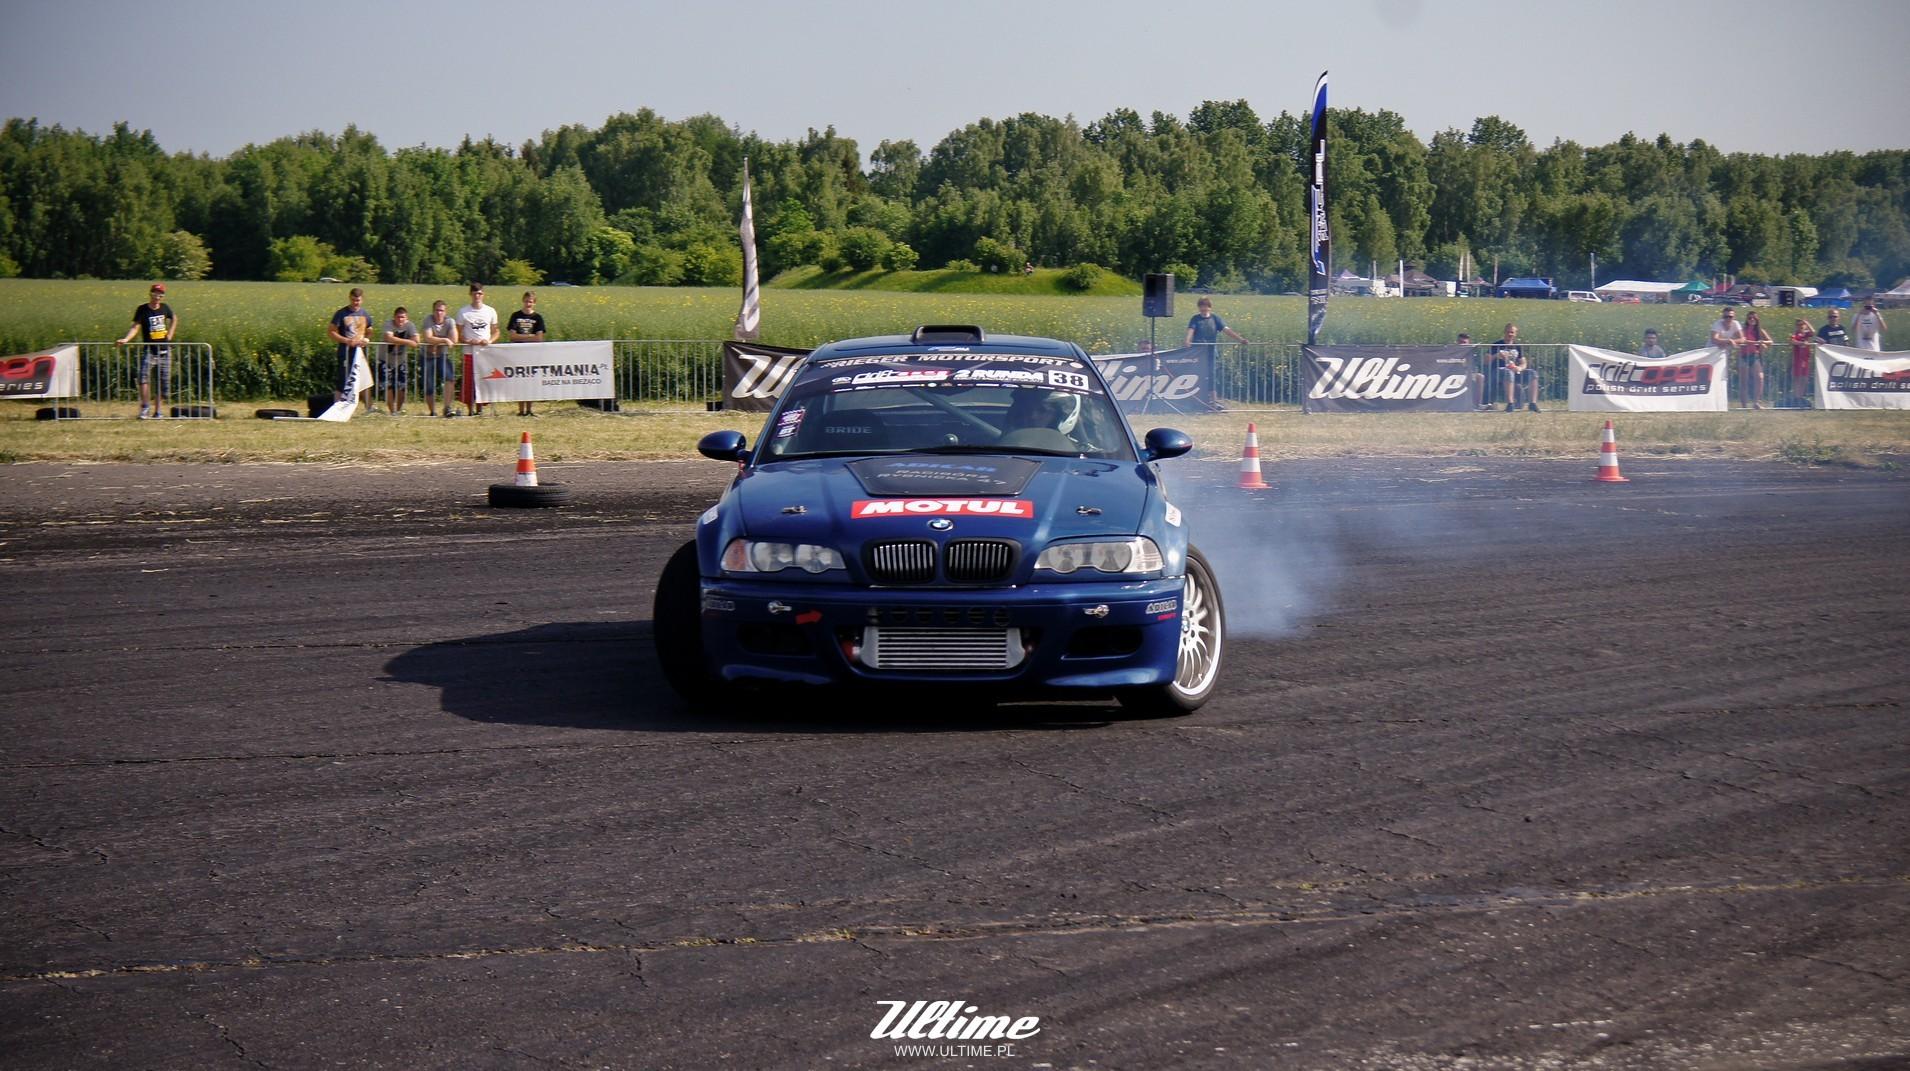 bmw e46 drifting